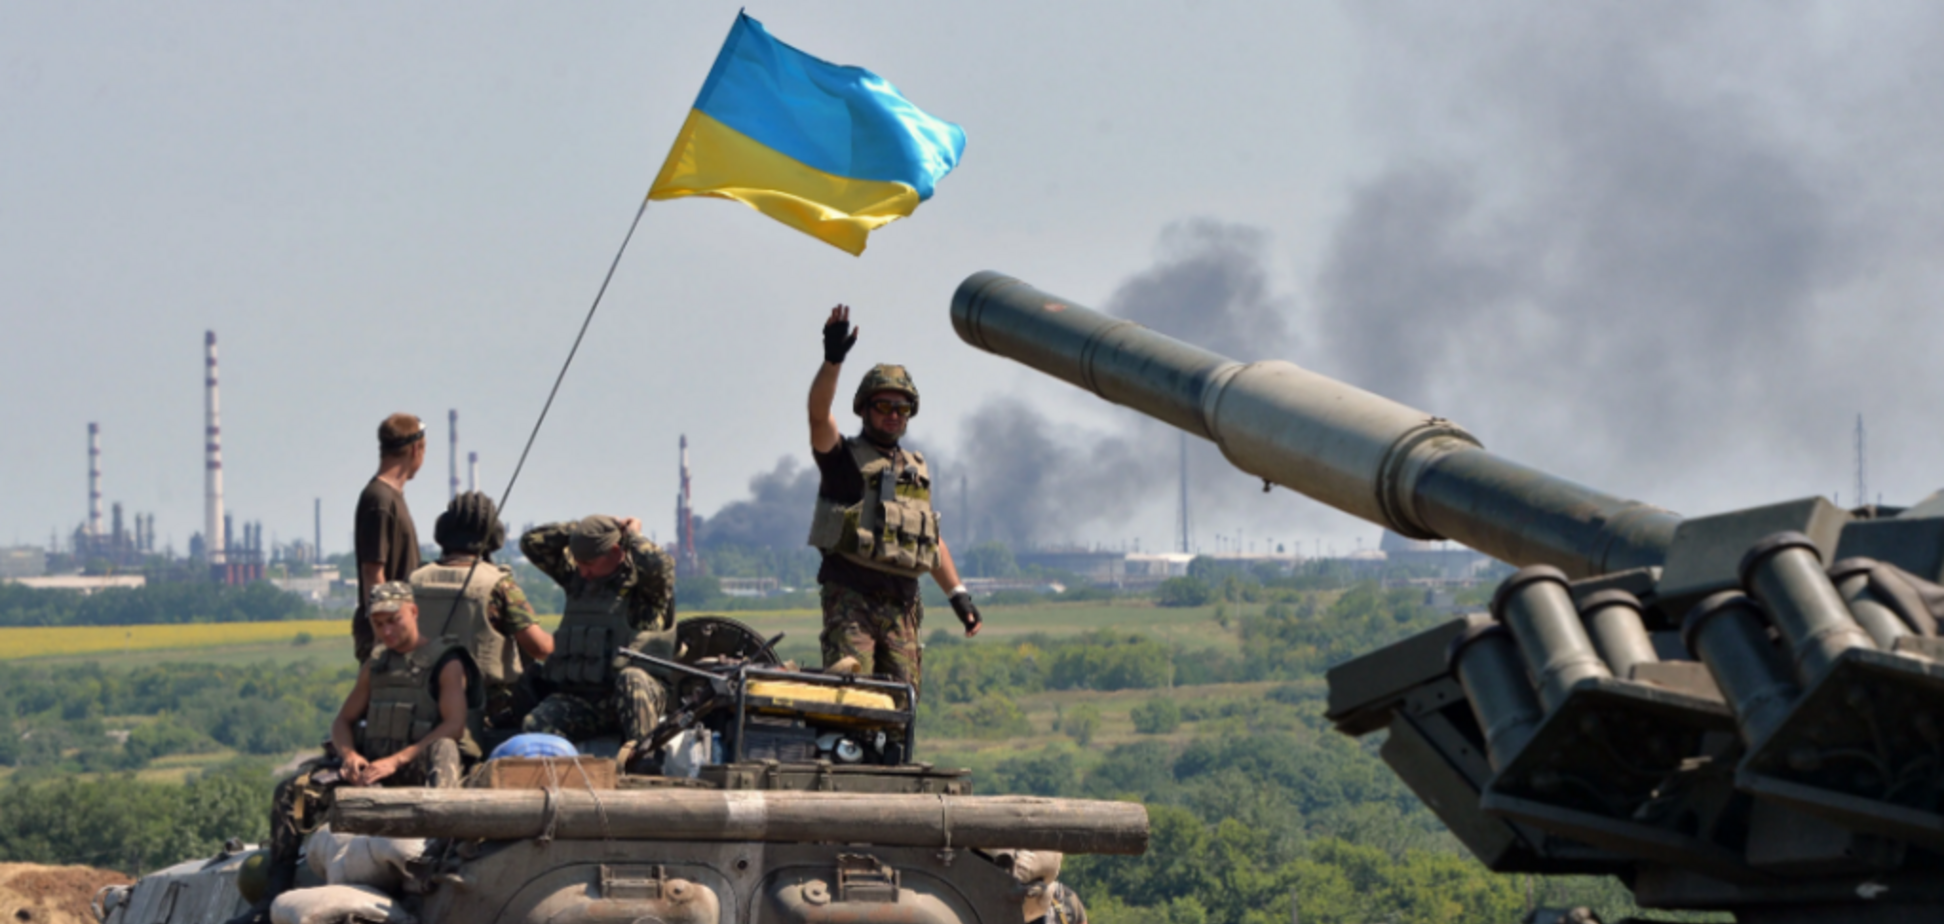 Минобороны попало в скандал из-за смерти бойца АТО на Донбассе: в чем суть